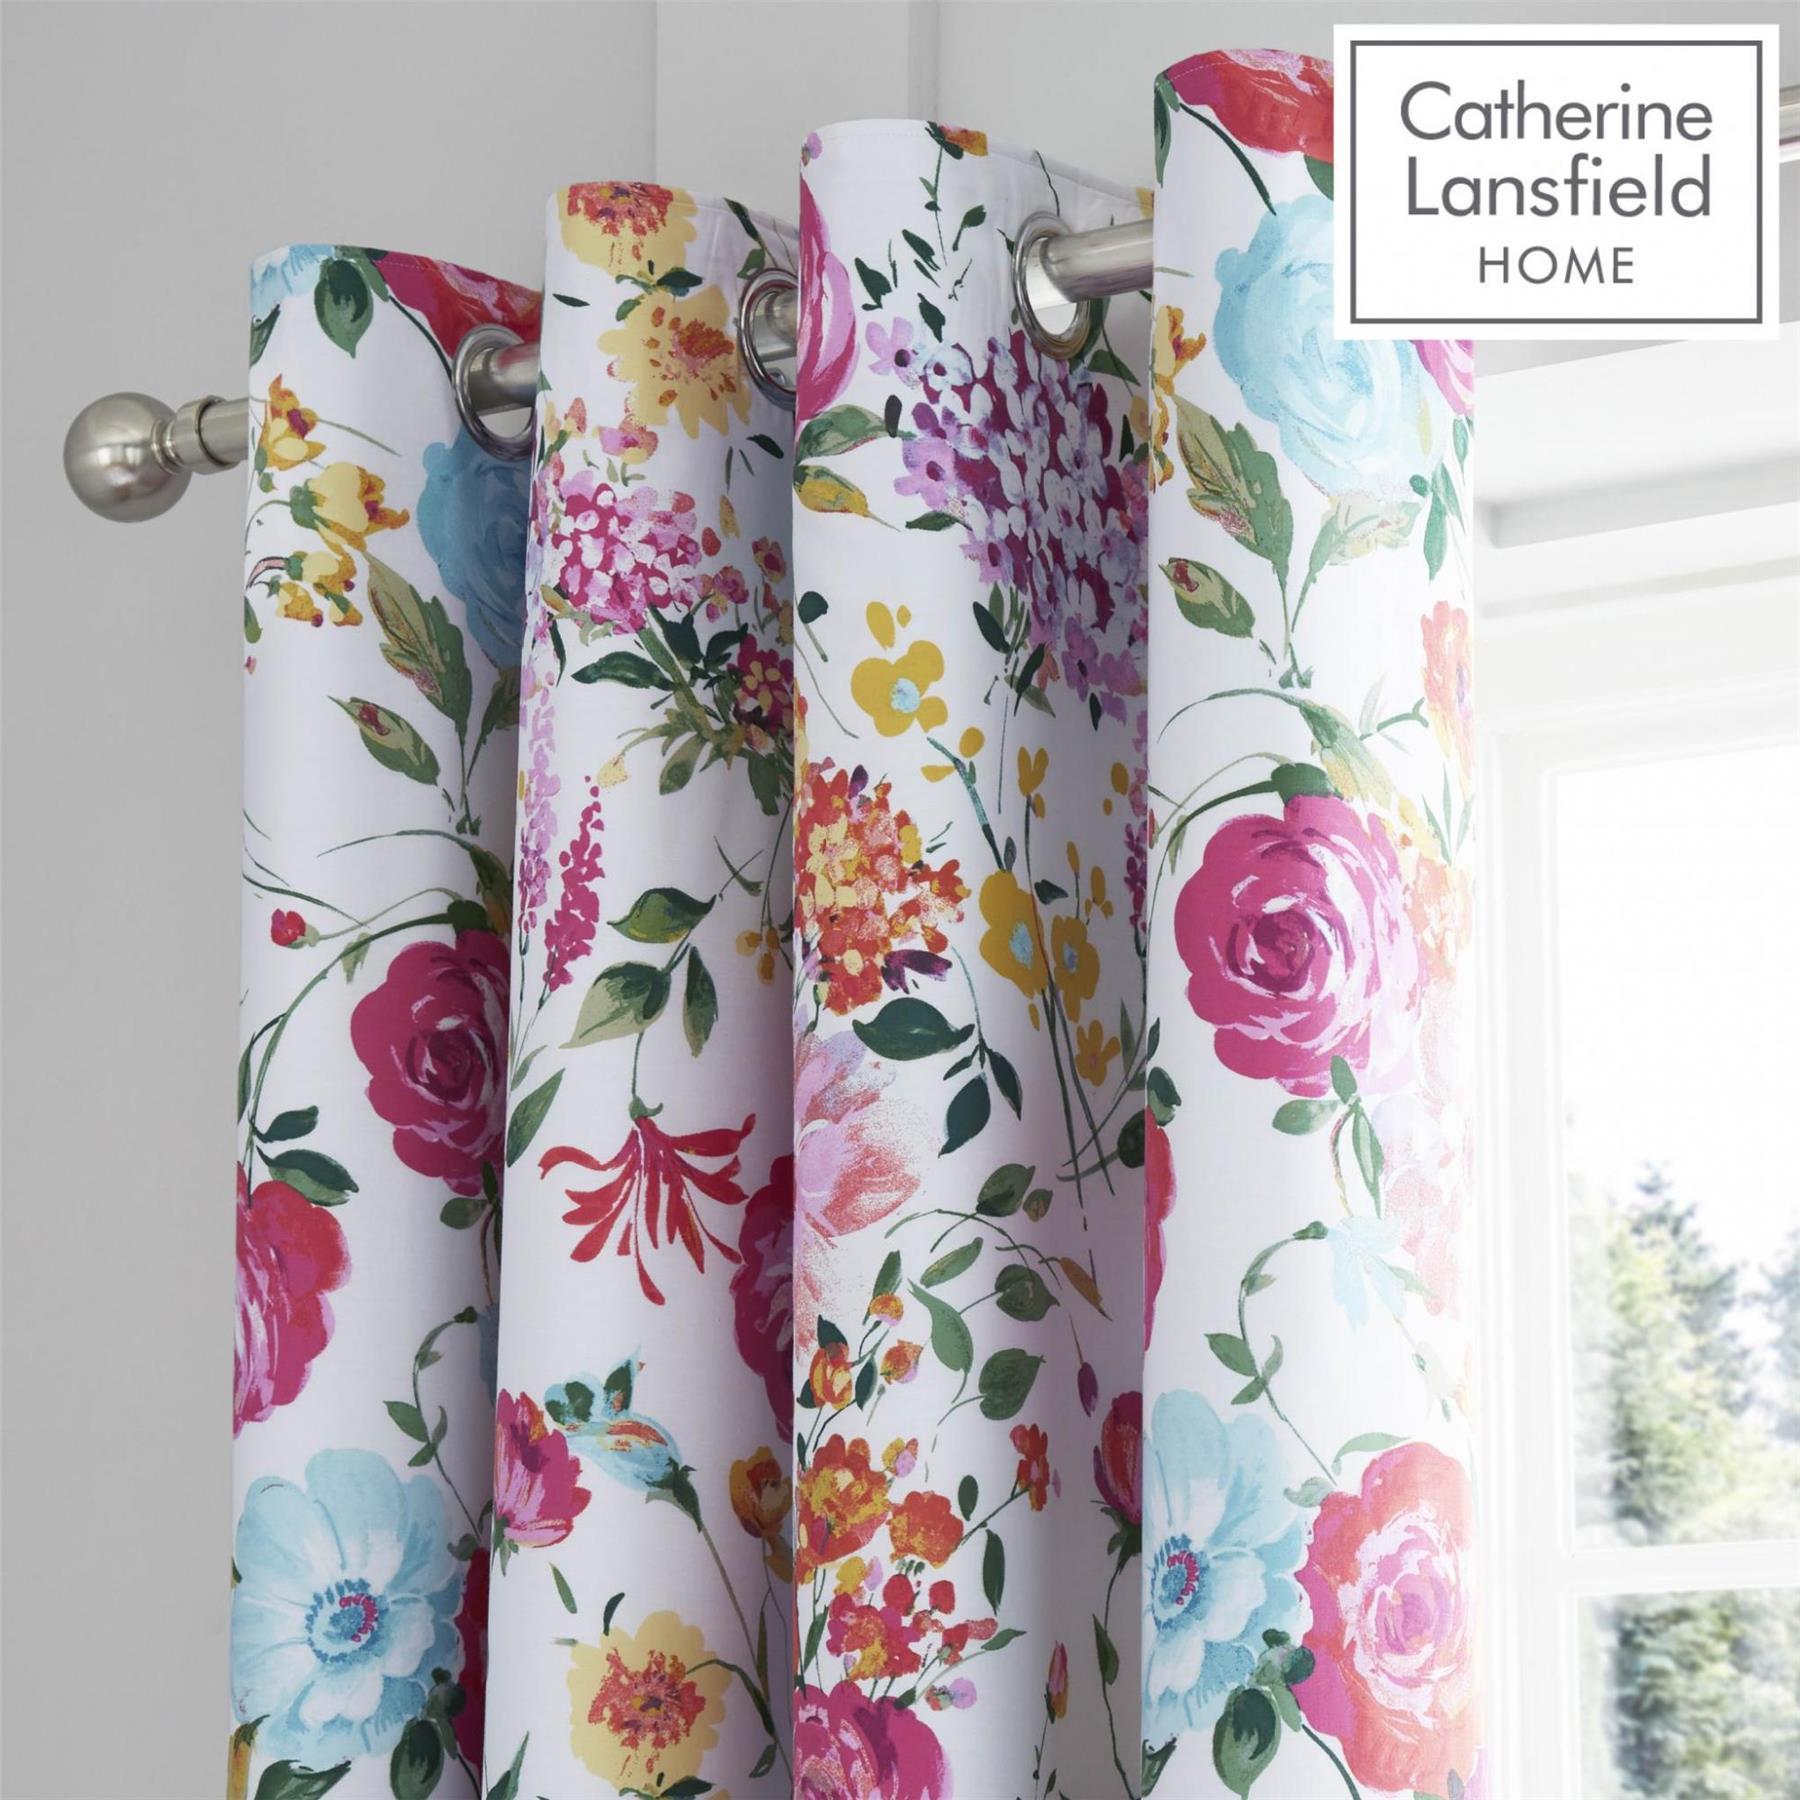 Catherine-Lansfield-biancheria-da-letto-Salisbury-Copripiumino-Set-Tende-Cuscino-Copriletto miniatura 14